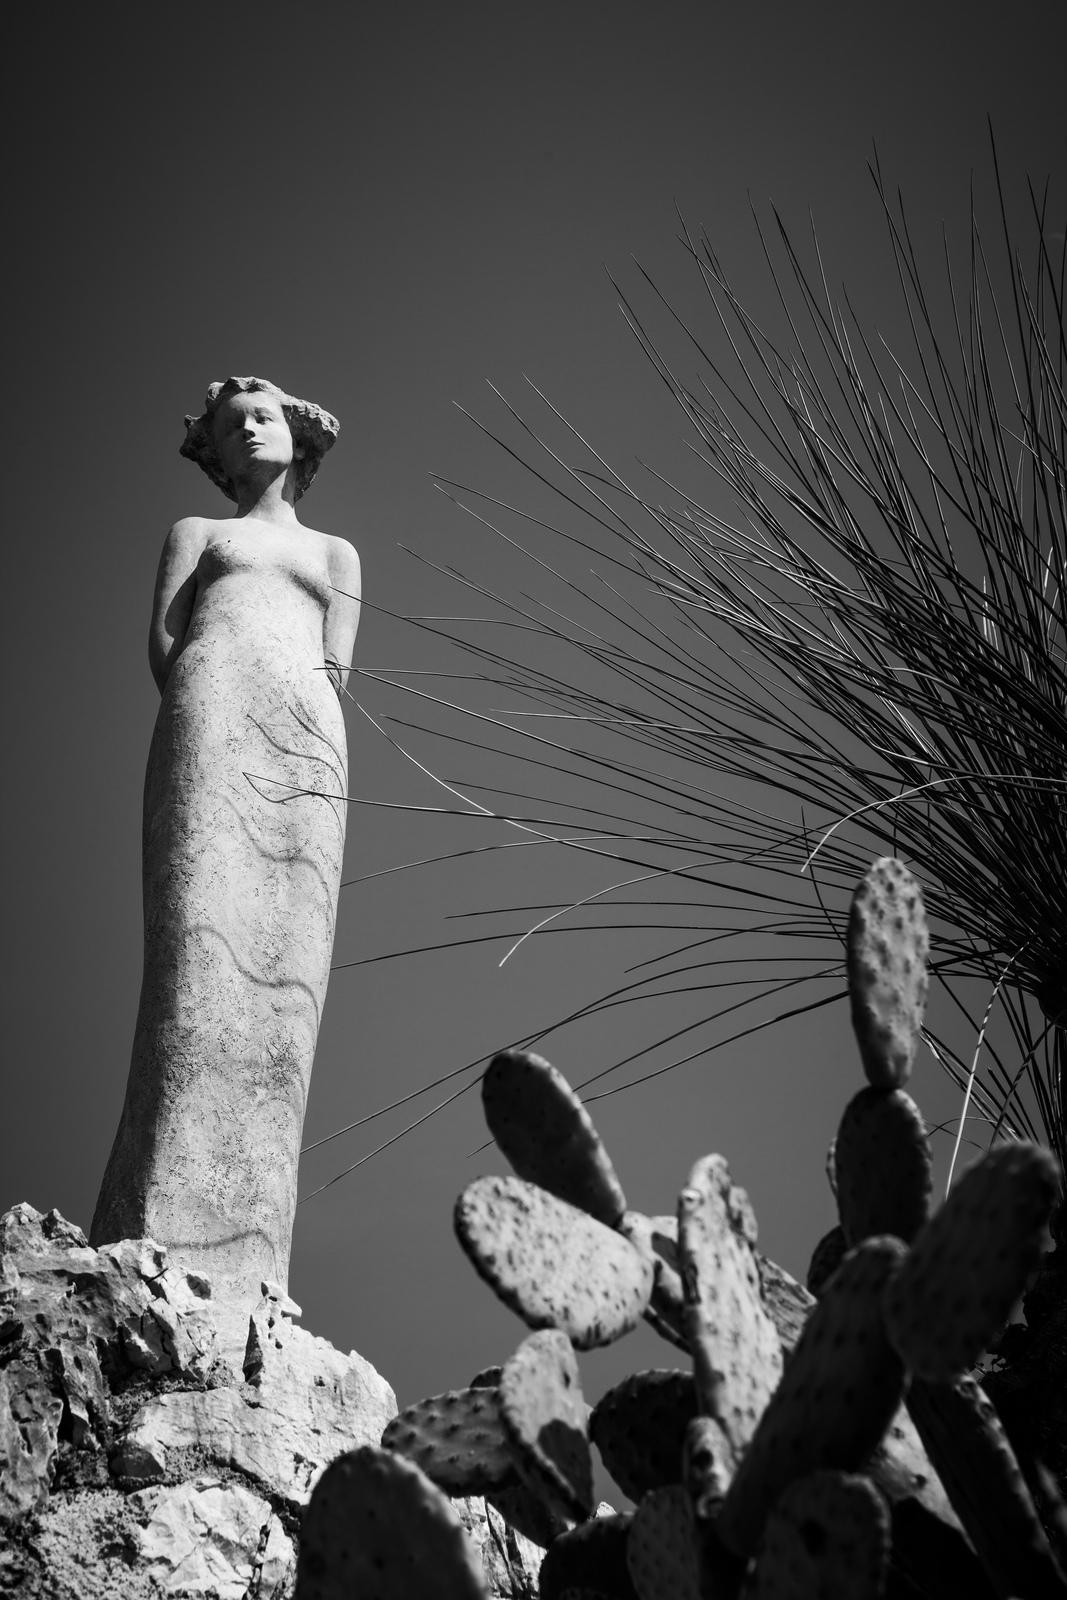 Eze ville miriland for Eze jardin exotique statues